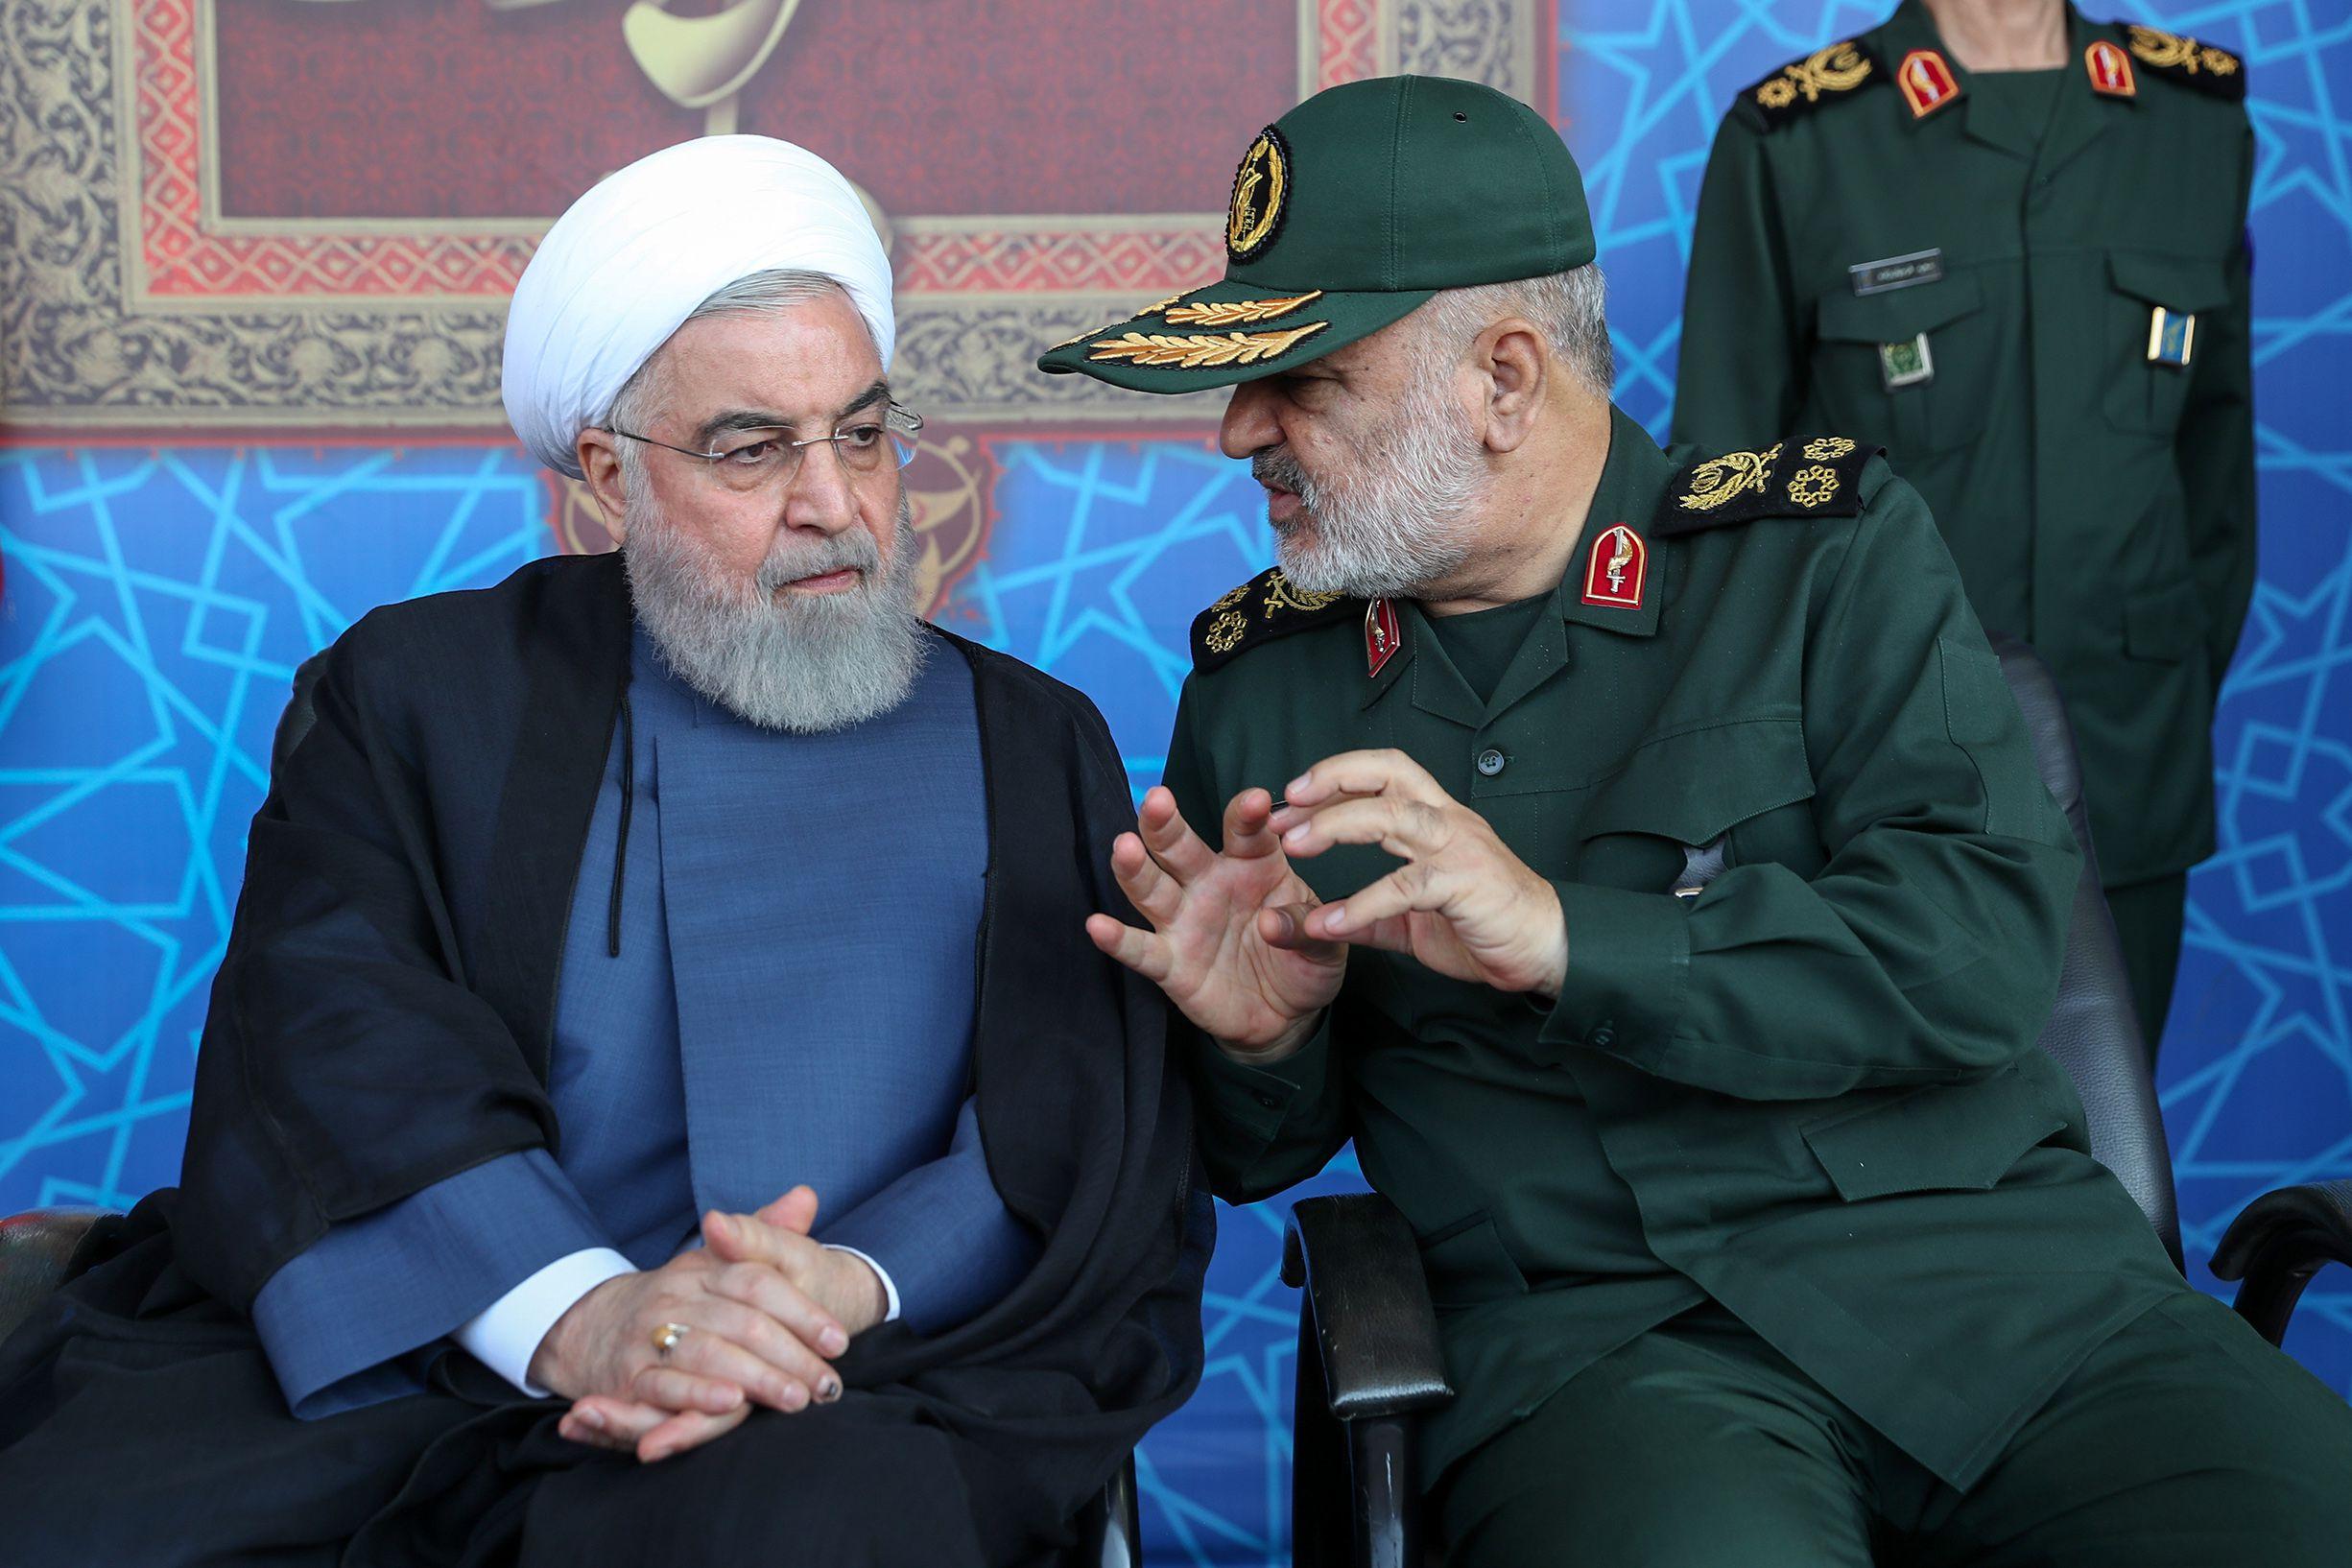 Al acto asistieron junto a Rohani el secretario del Consejo Supremo de Seguridad Nacional iraní, Ali Shamjani; el jefe de Estado Mayor de las Fuerzas Armadas, Mohamad Baqeri, y el comandante en jefe de la Guardia Revolucionaria, Hossein Salami